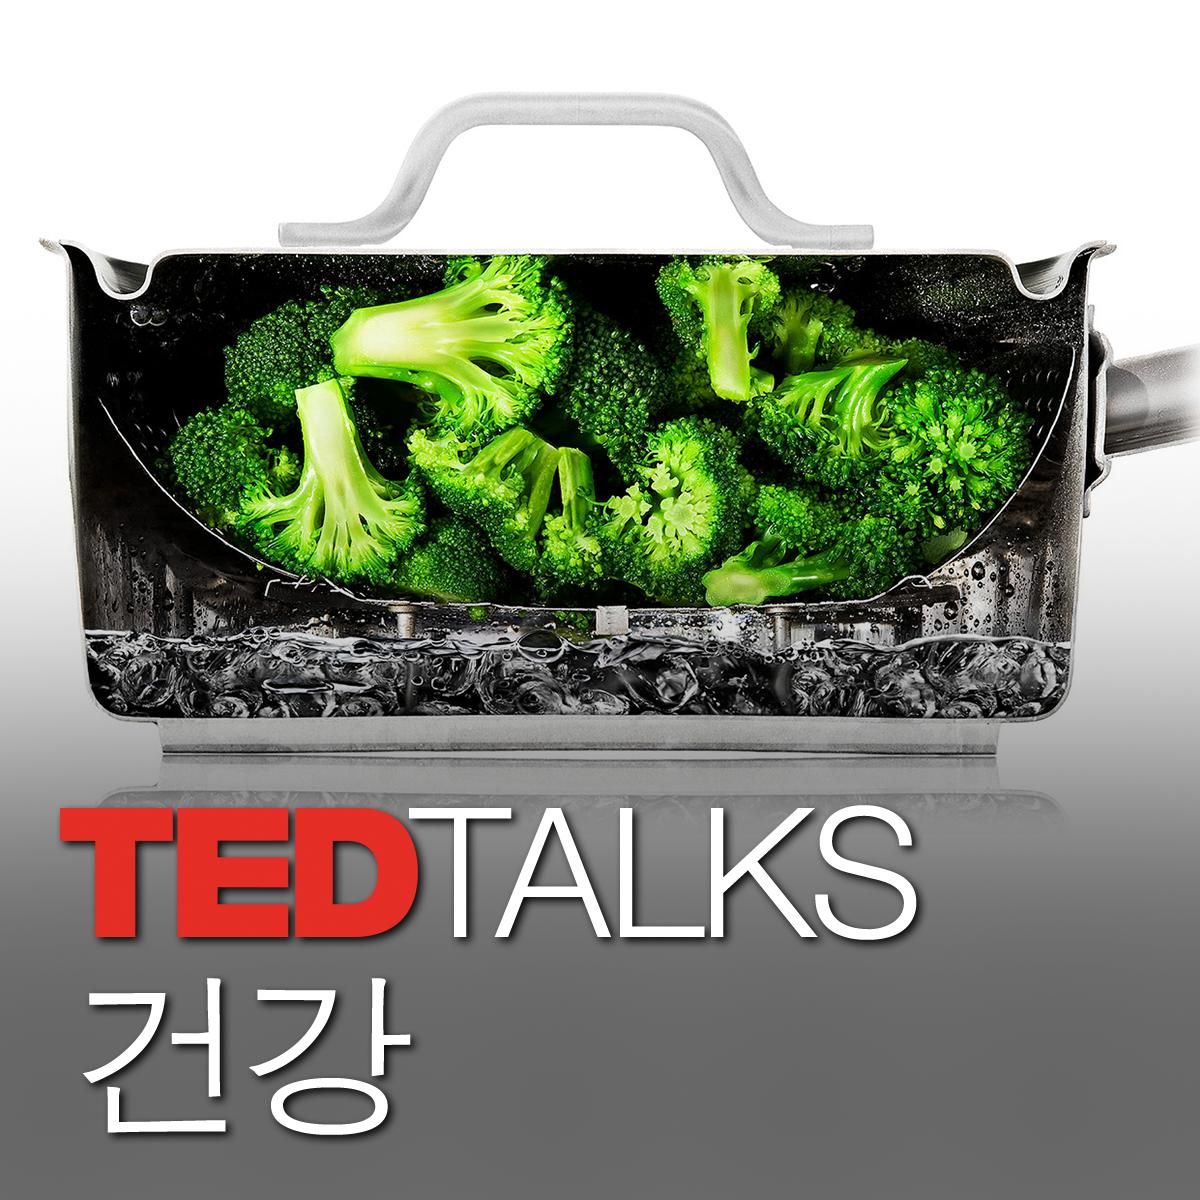 TEDTalks 건강